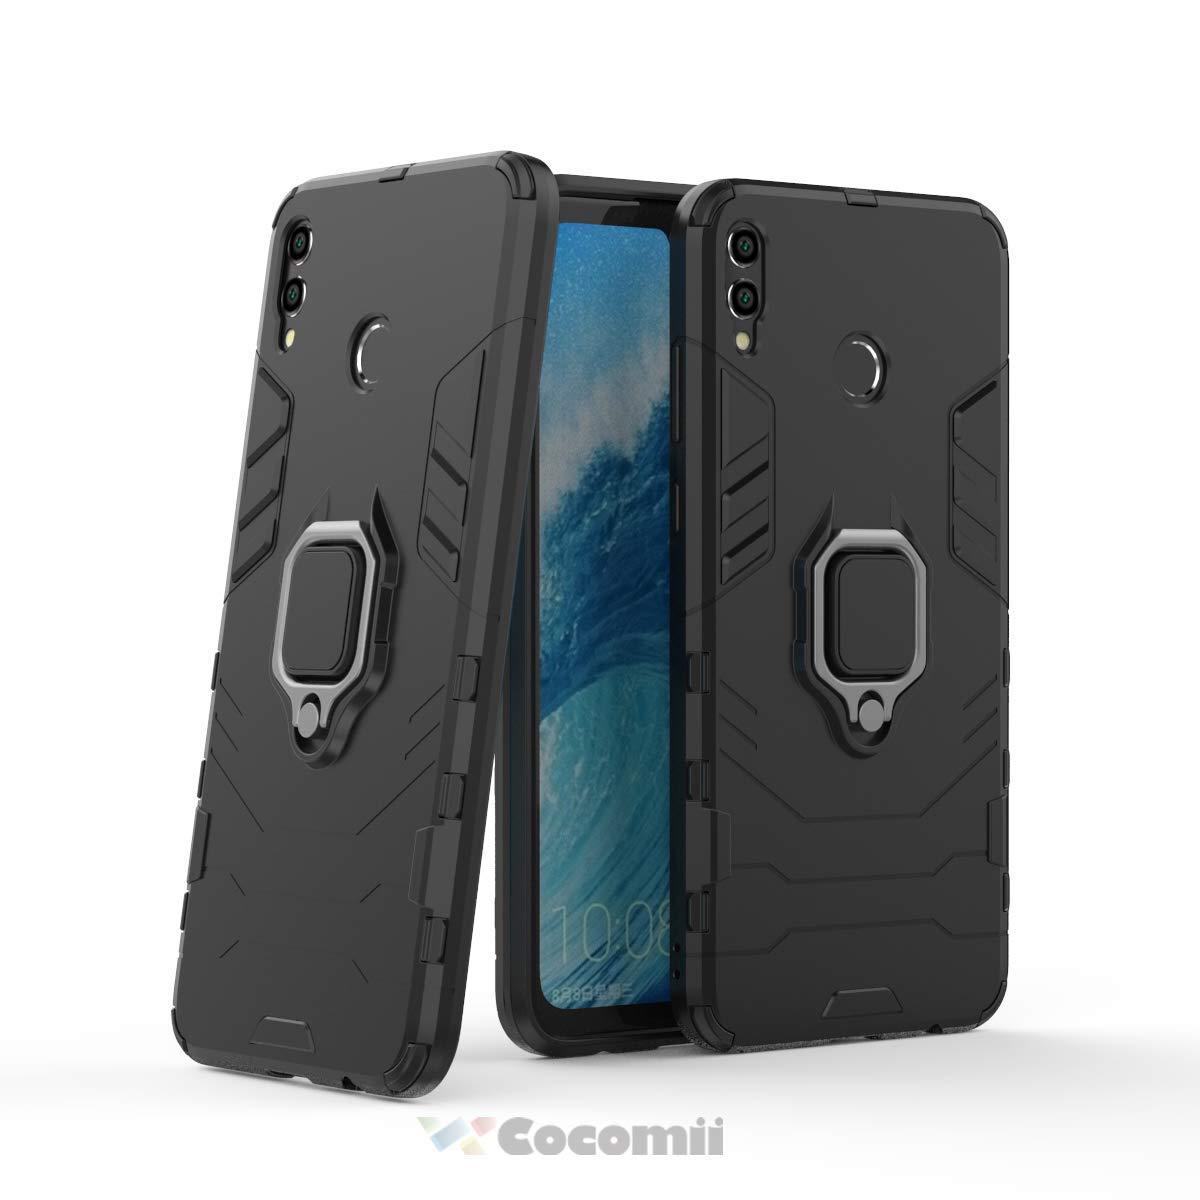 Funda Para Huawei Honor 8x Con Pie Cocomii (7k1dk9cg)